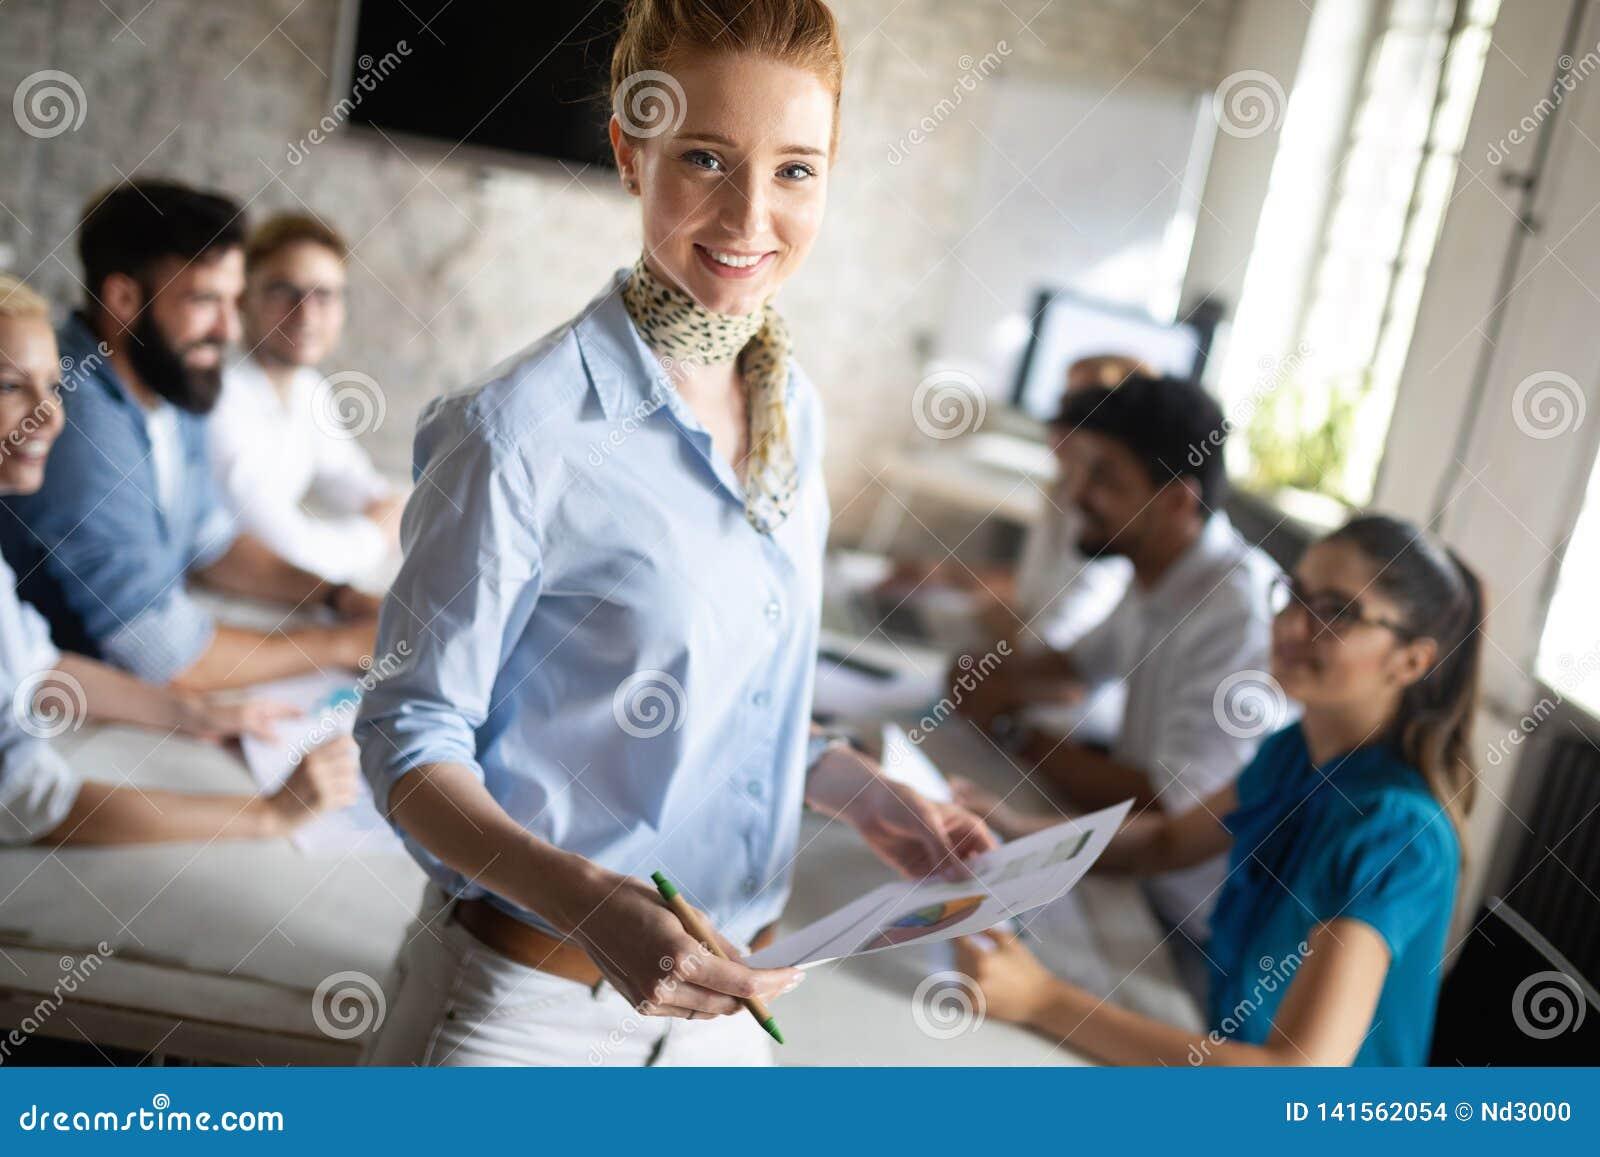 Lyckad lycklig grupp människor som lär programvaruteknik och affär under presentation